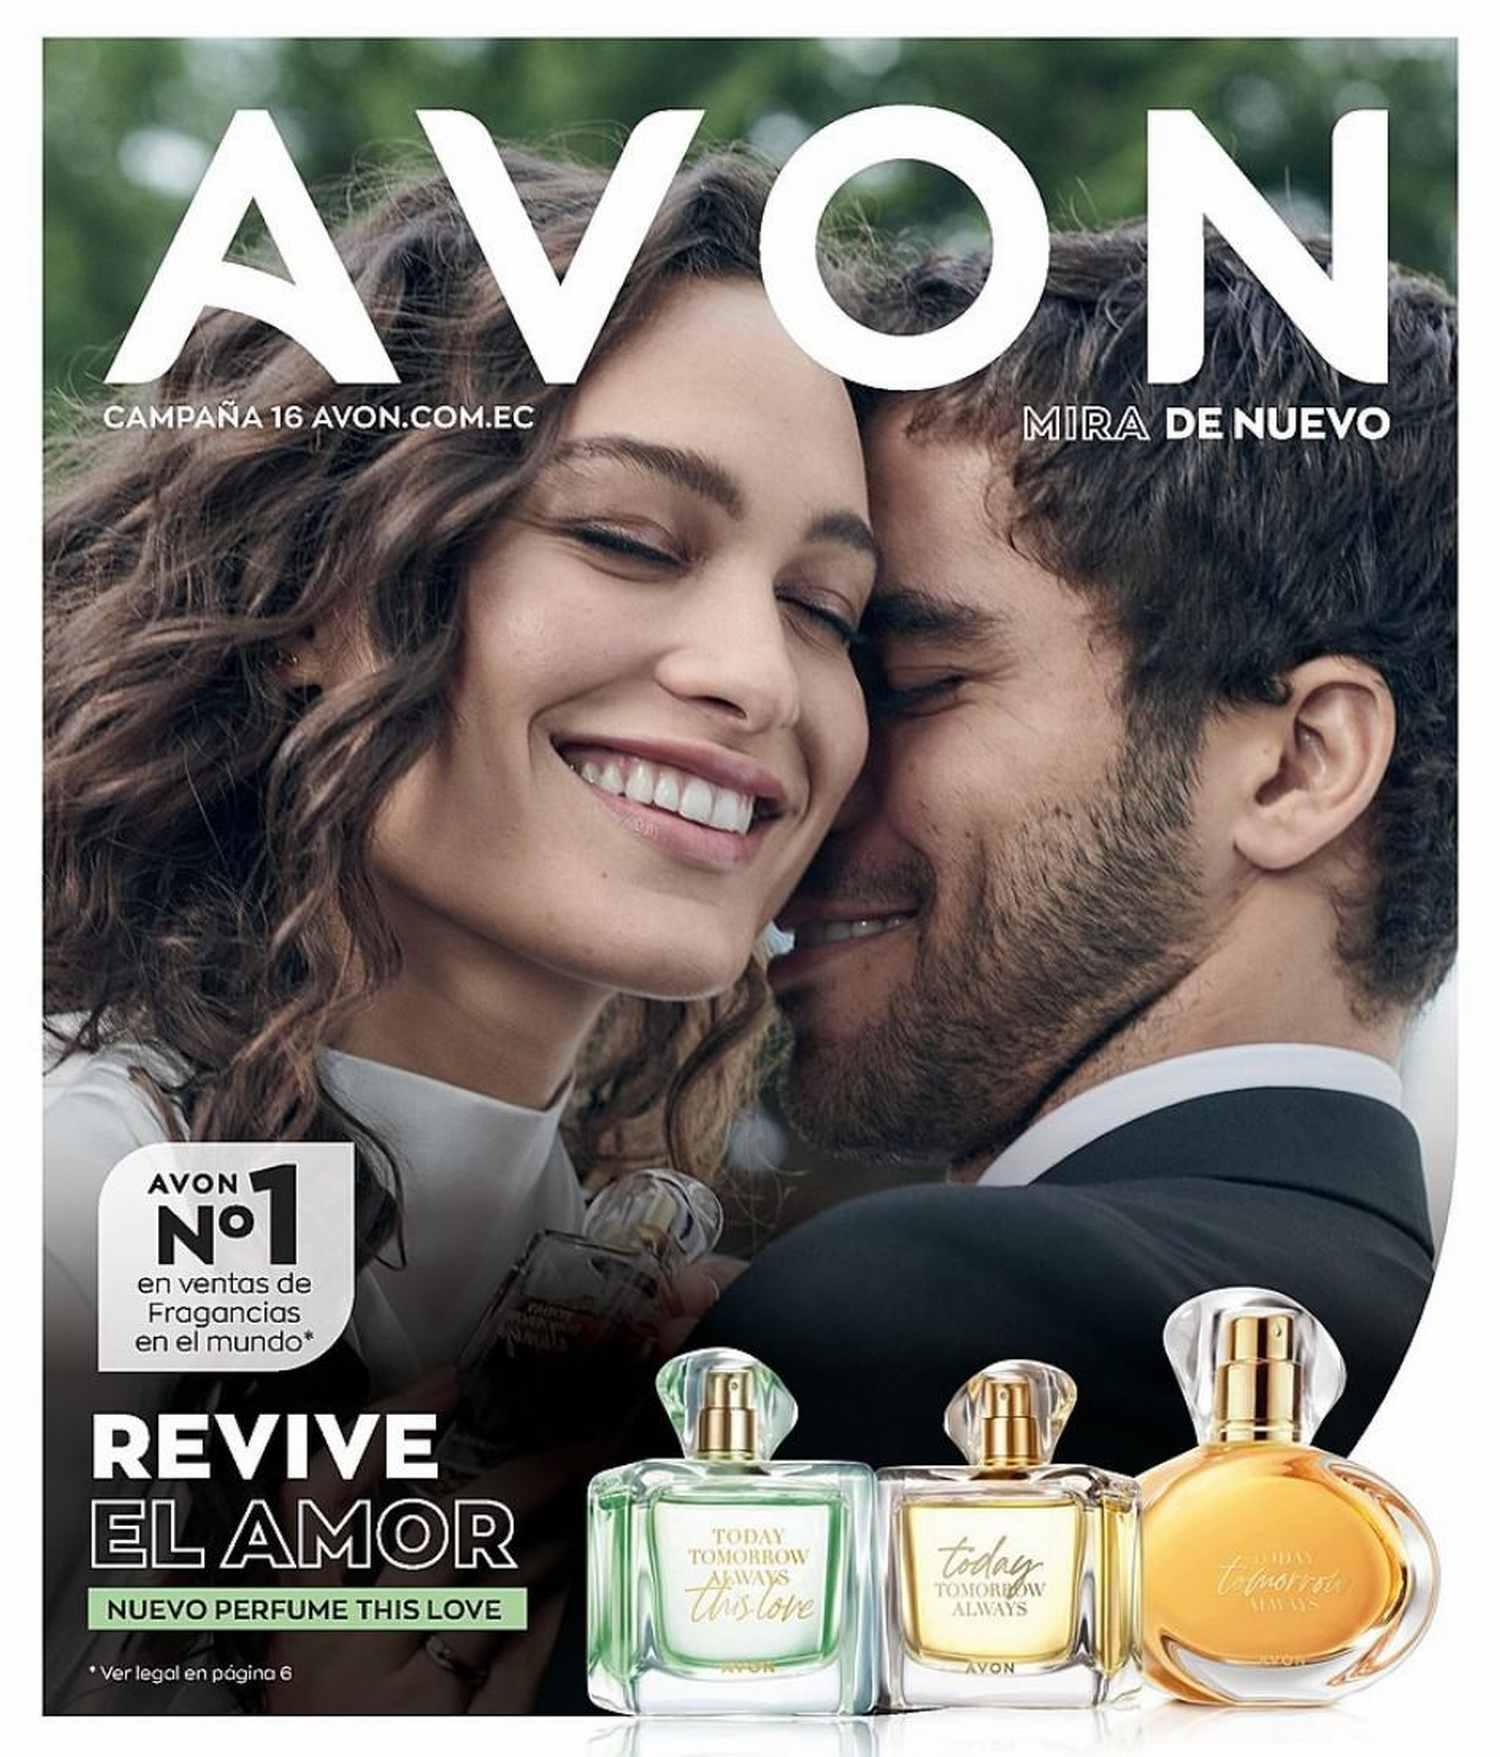 Catalogo Avon Campaña 16 2021 Ecuador